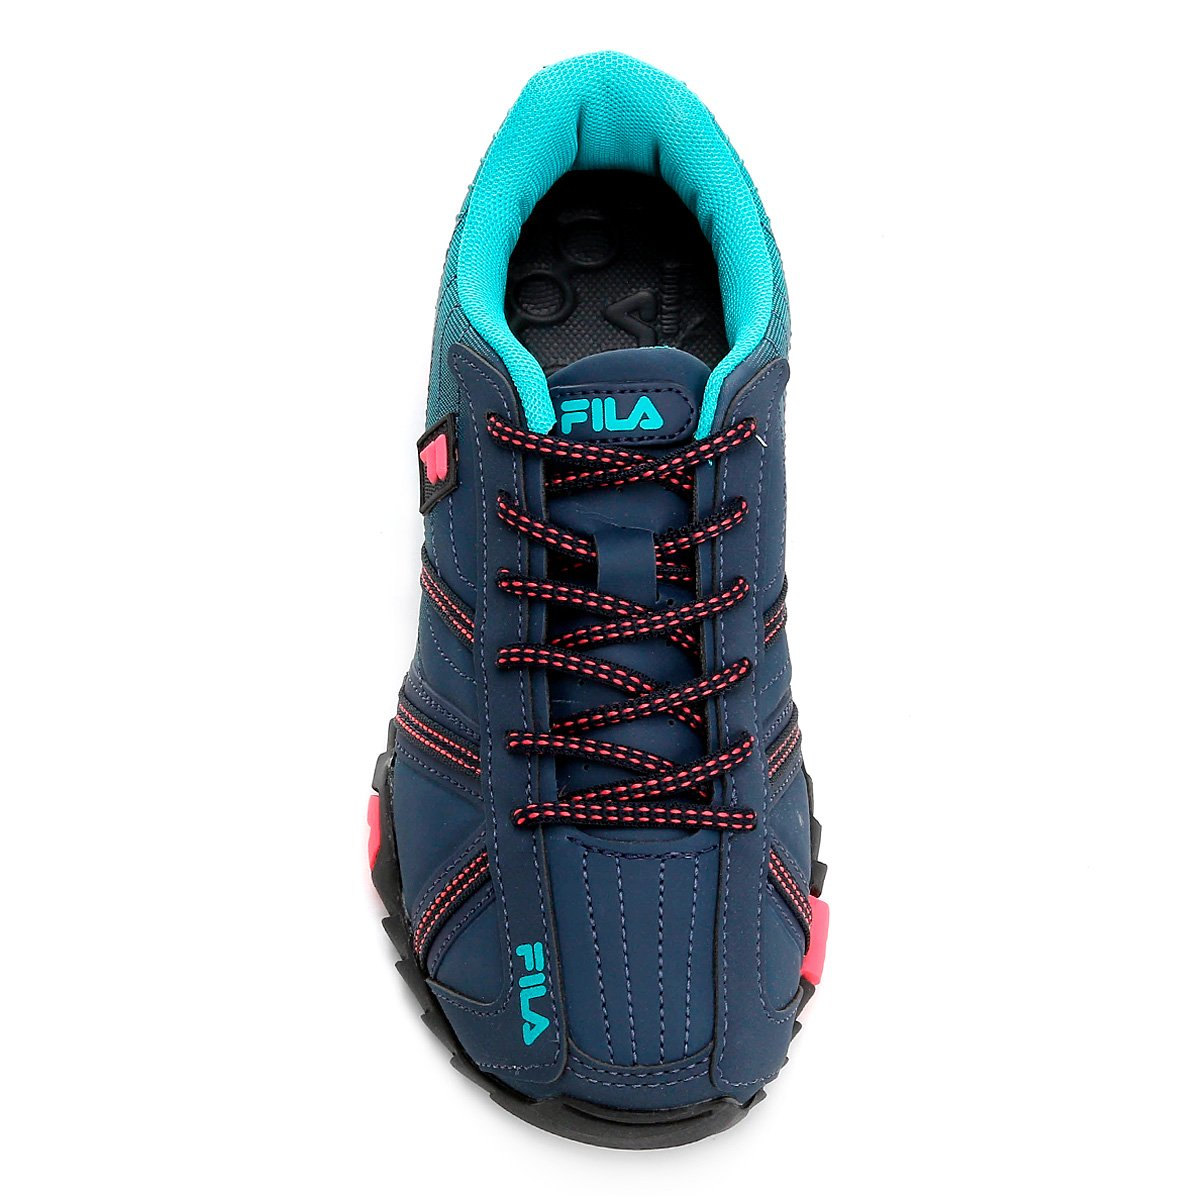 Tênis Fila Slant Force Masculino - Marinho e Pink - Compre Agora ... 755a1c12d98a3